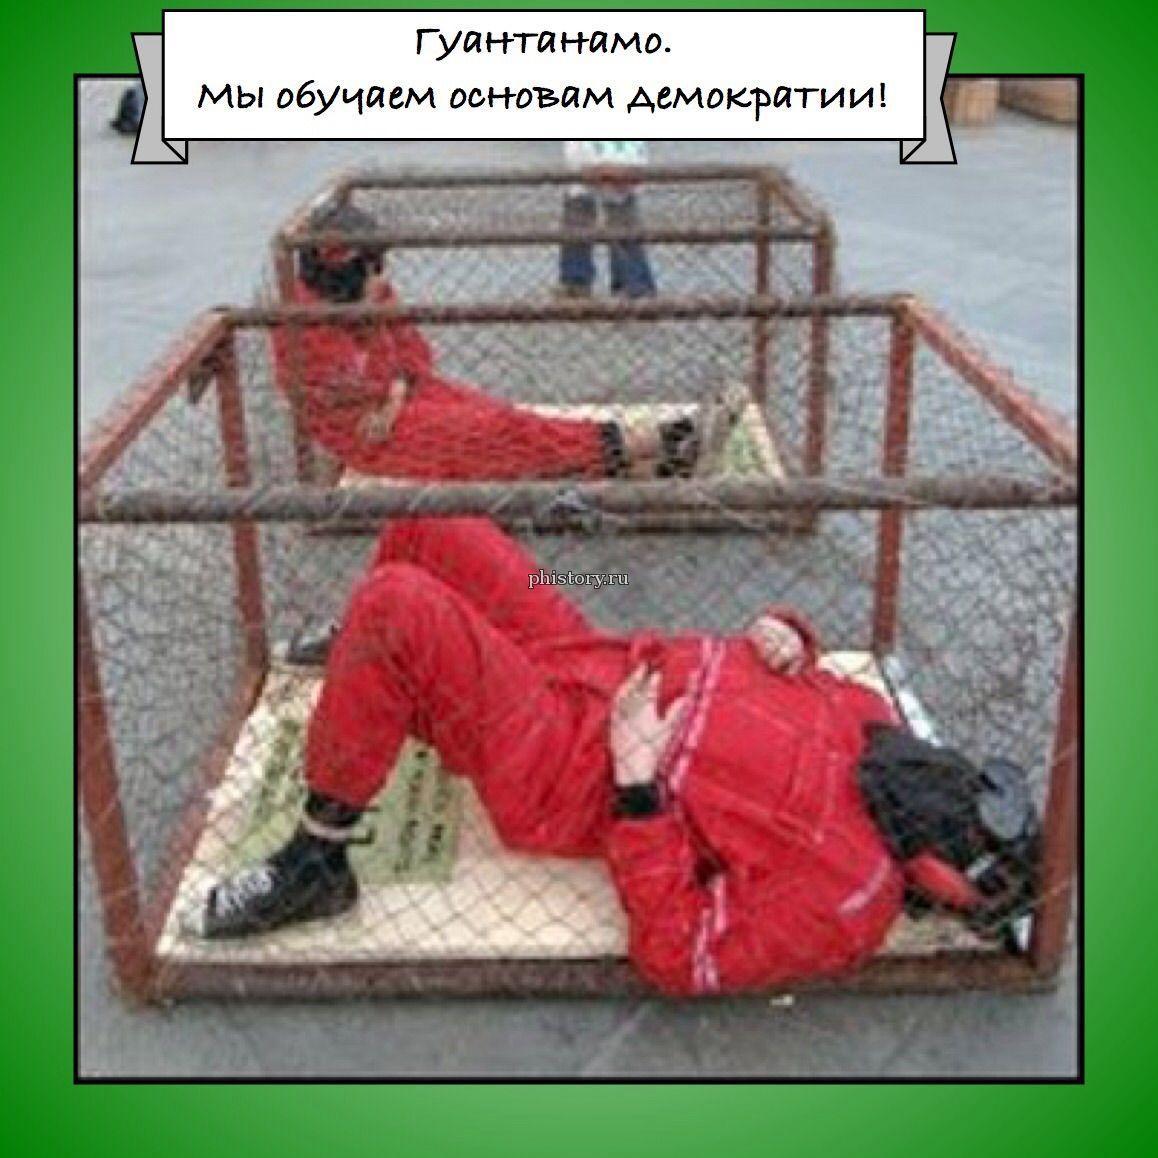 Издевательства пытки смотреть 19 фотография